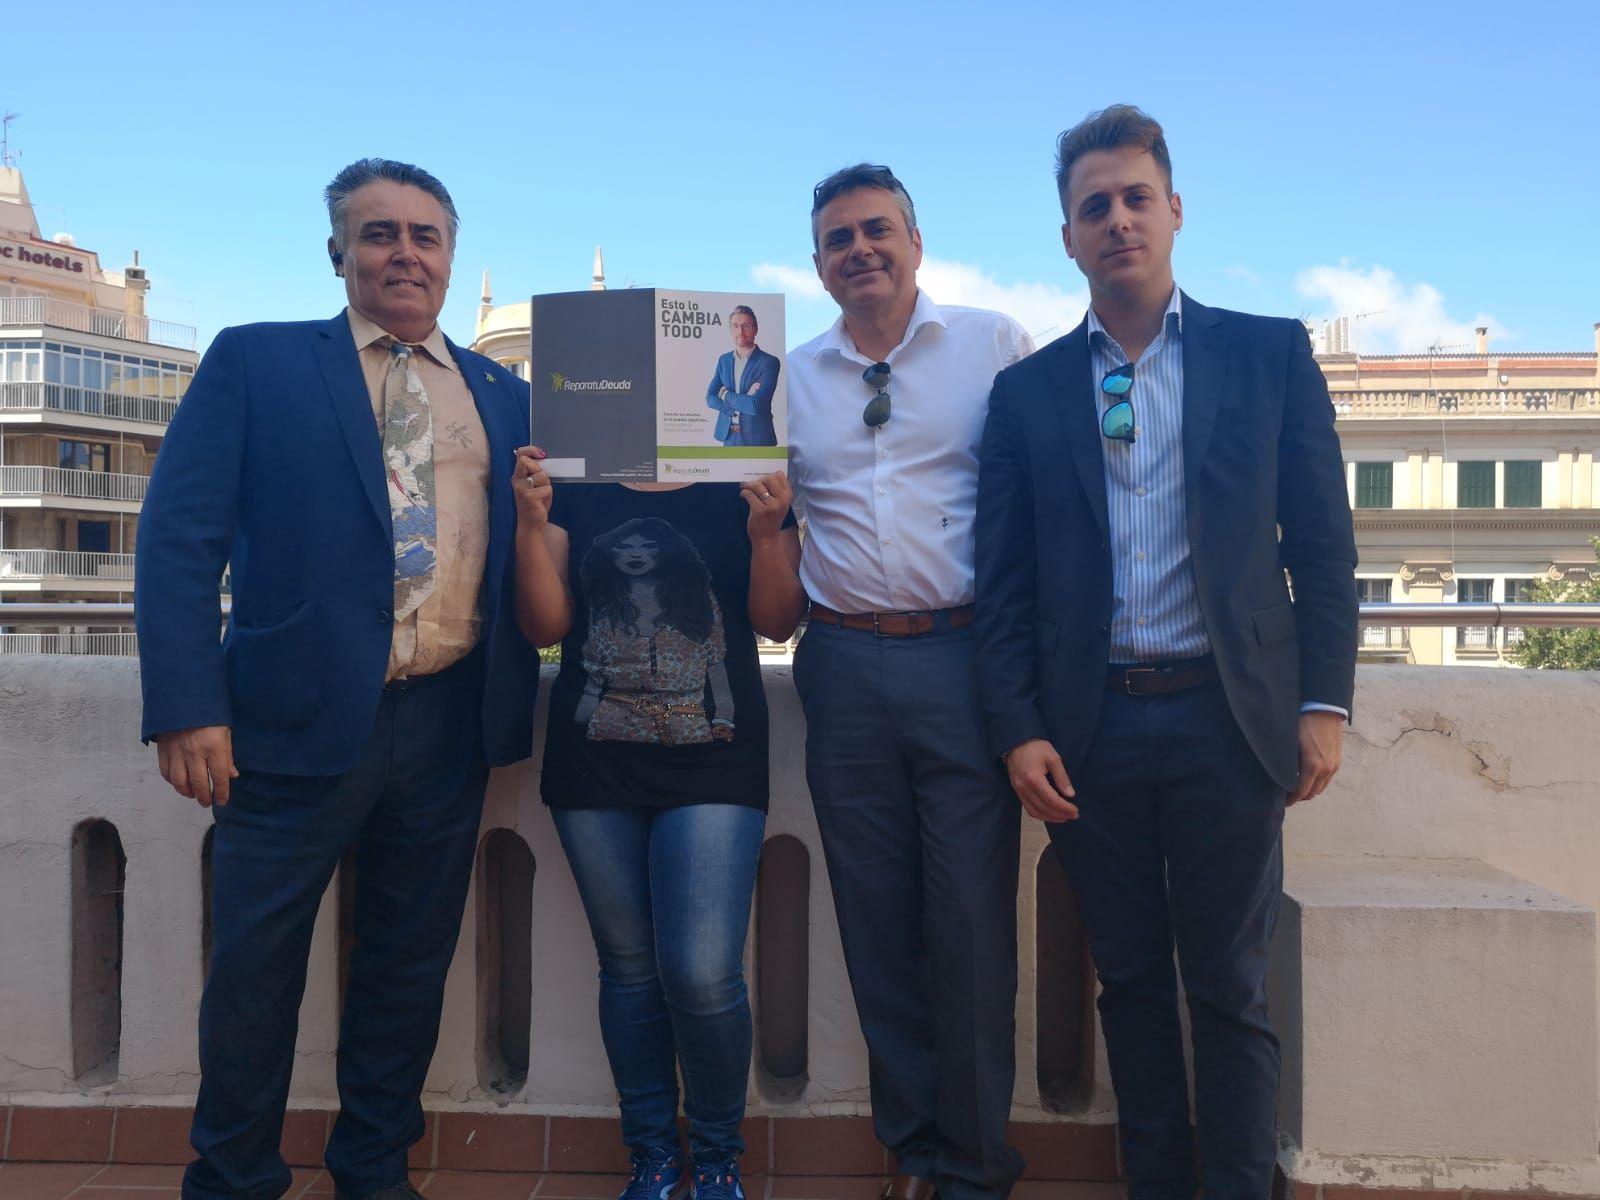 Foto de Antonio, Marcos Vera y Jesus de Repara tu deuda Mallorca con